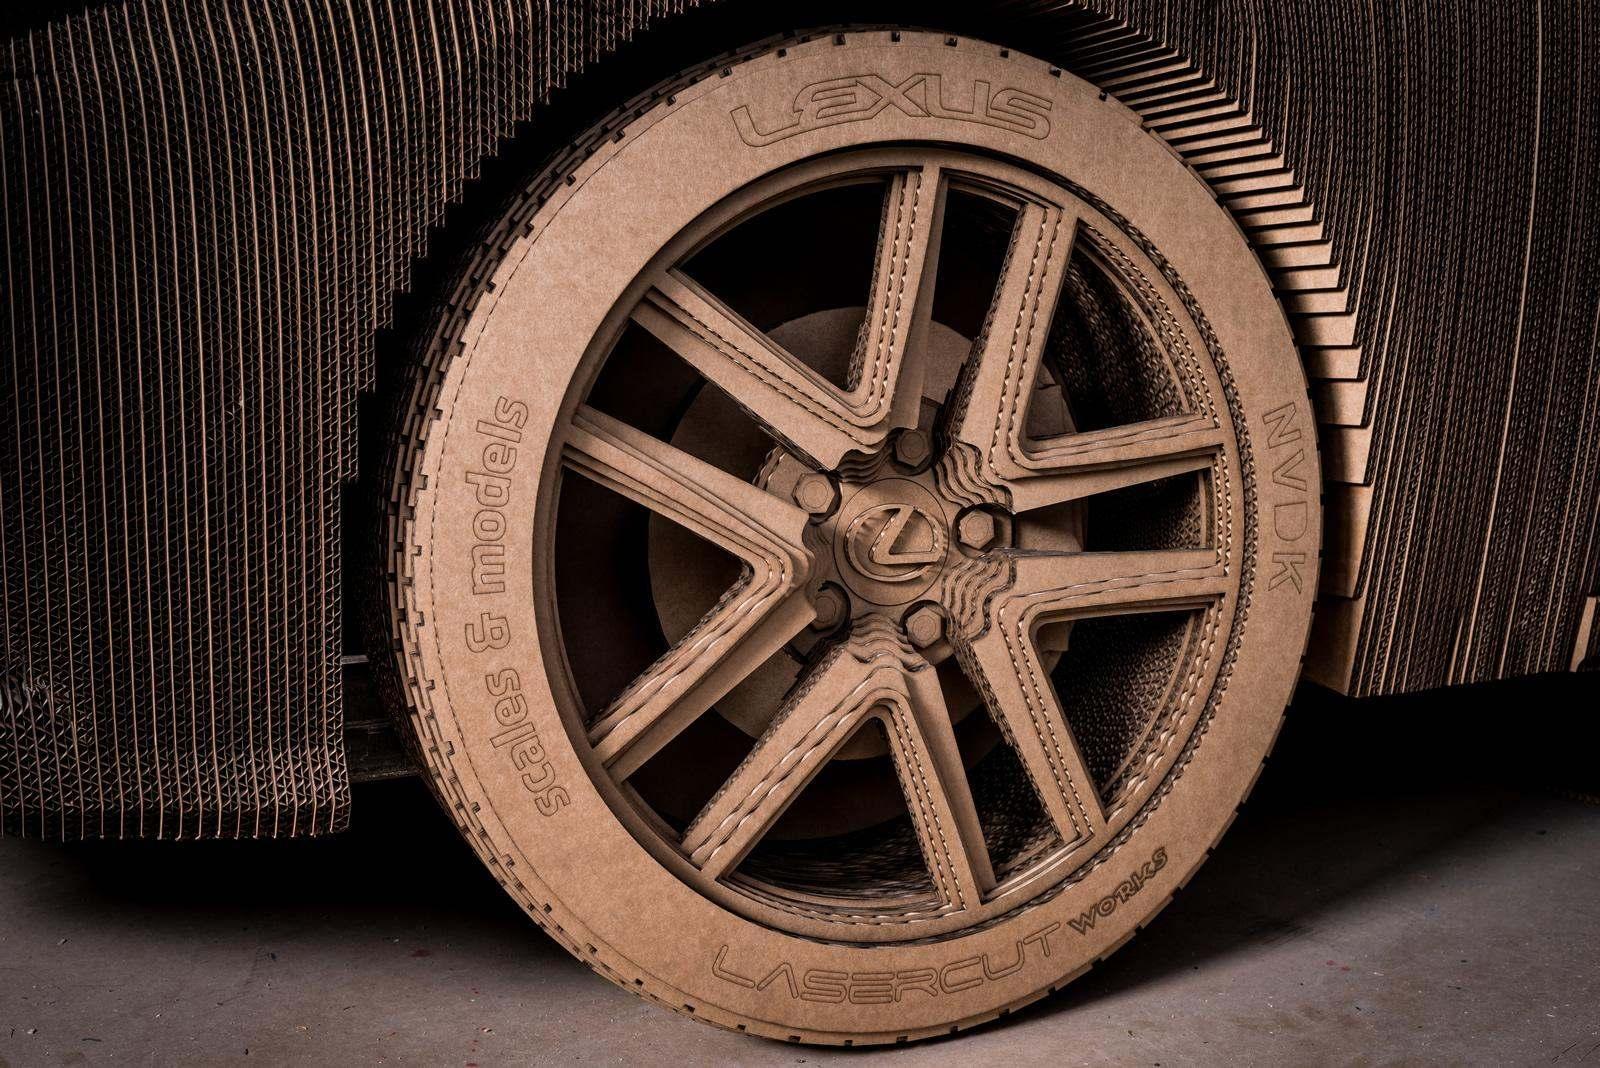 [Image: S0-Lexus-devoile-une-IS-roulante-en-carton-363716.jpg]